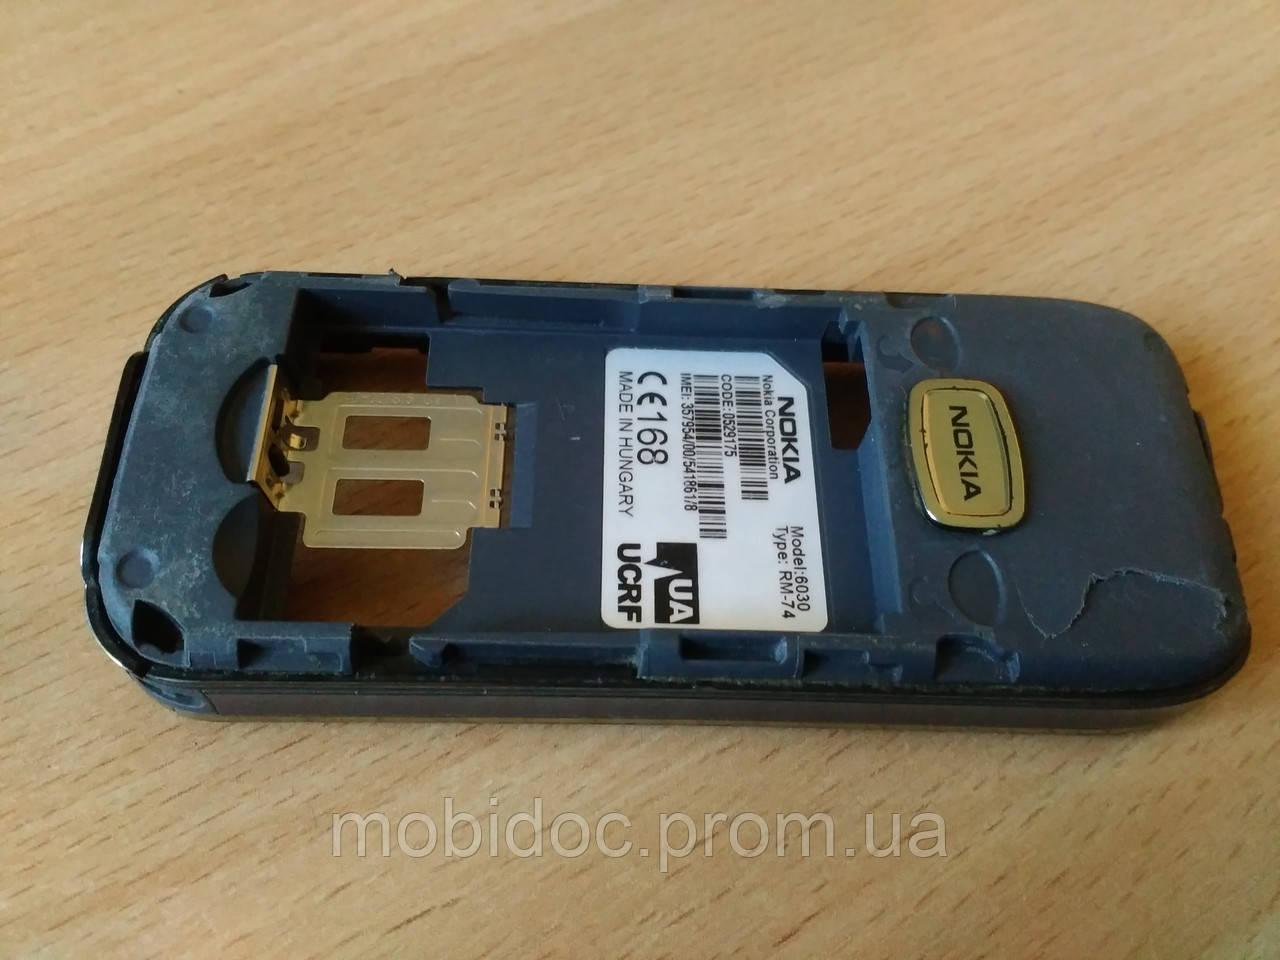 Корпус (средняя часть) Nokia 6030 б/у